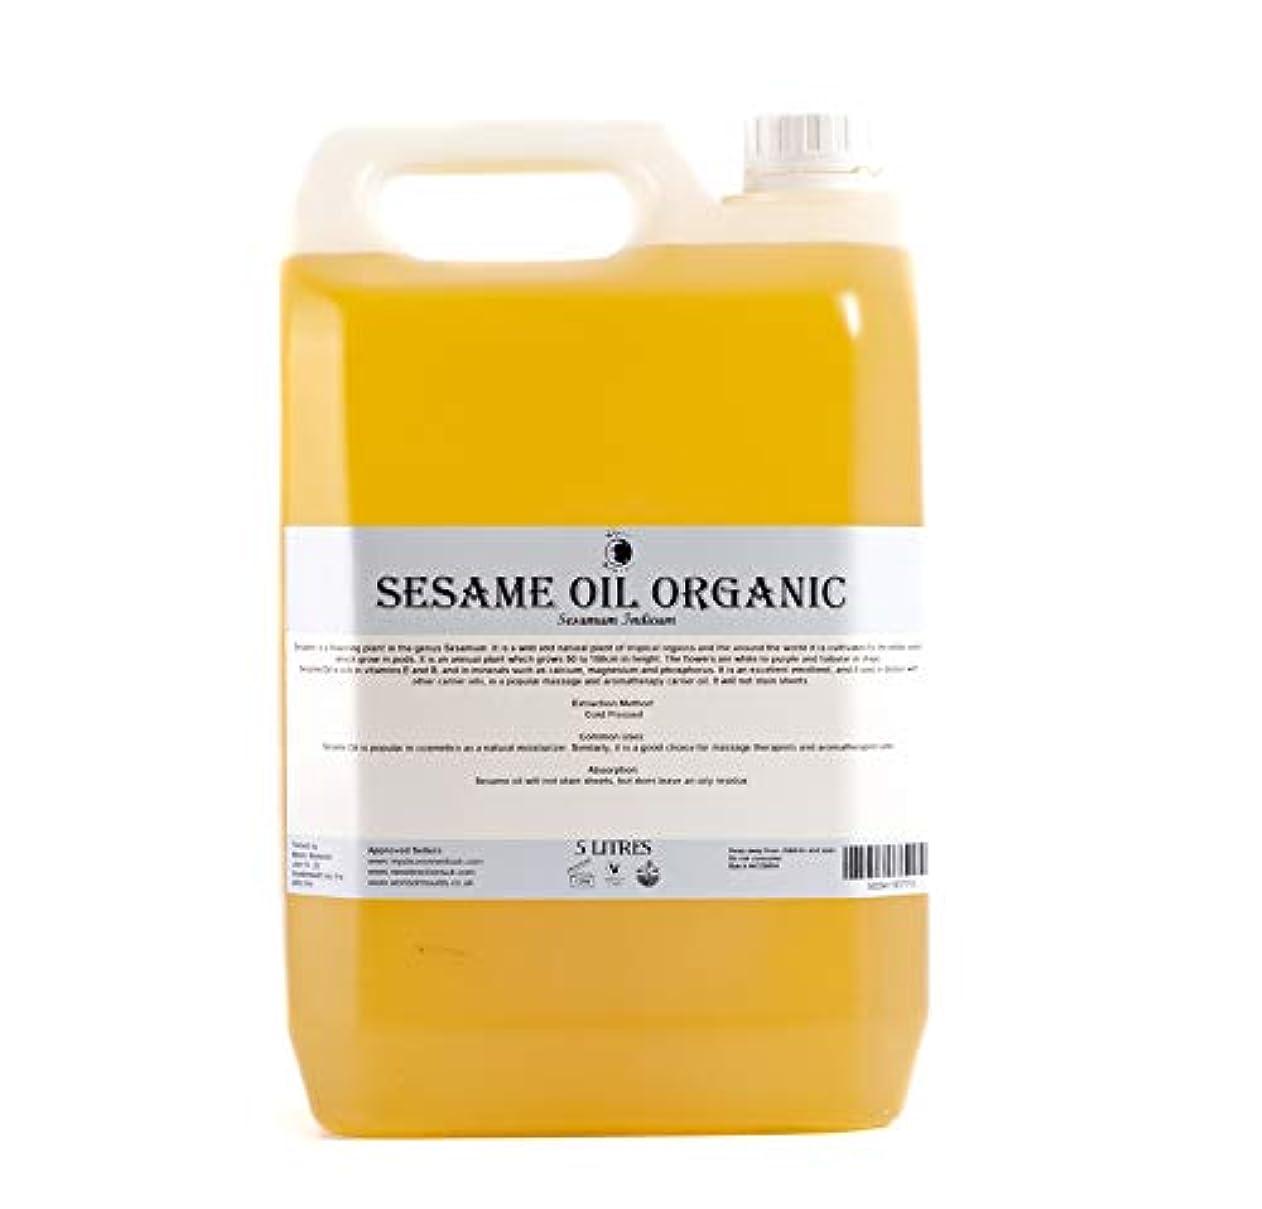 憤る子うまくいけばMystic Moments | Sesame Organic Carrier Oil - 5 Litres - 100% Pure